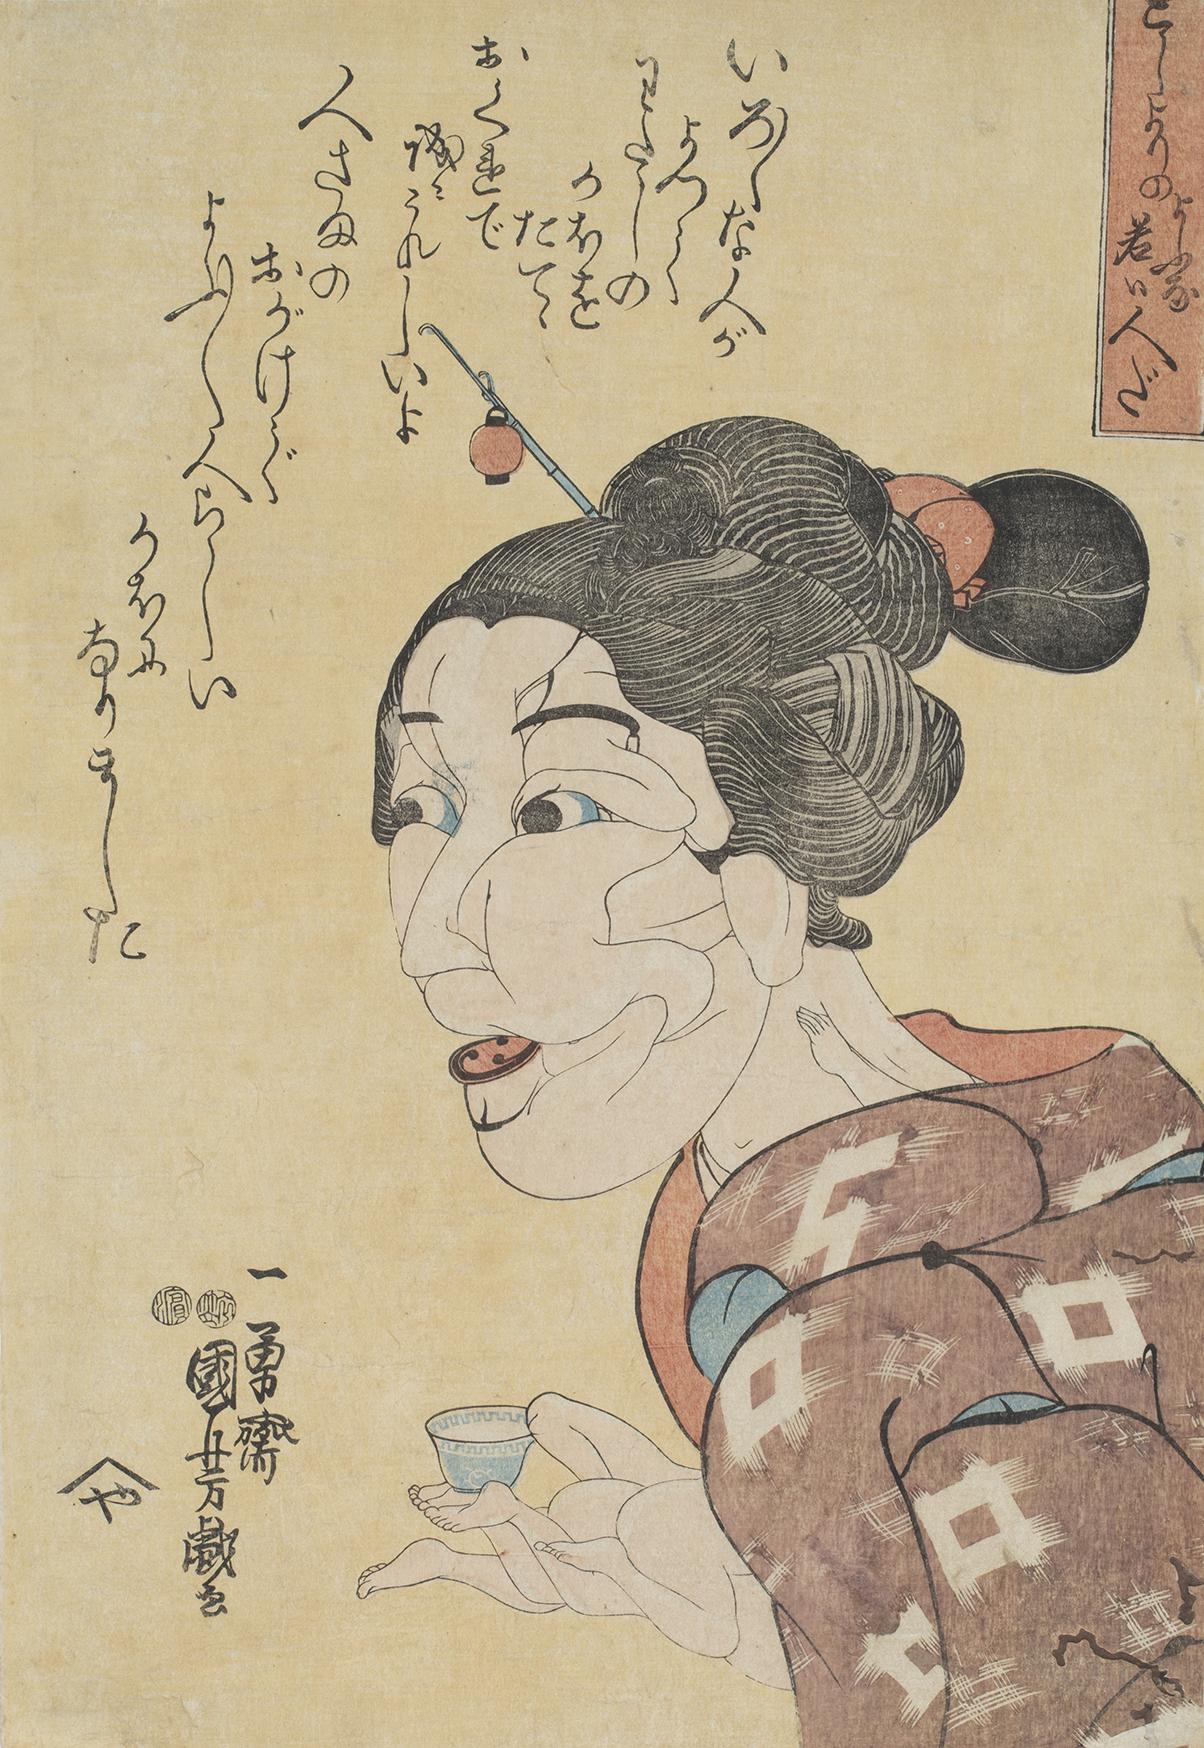 歌川国芳「としよりのよふな若い人だ」 名古屋市博物館蔵(尾崎久弥コレクション)